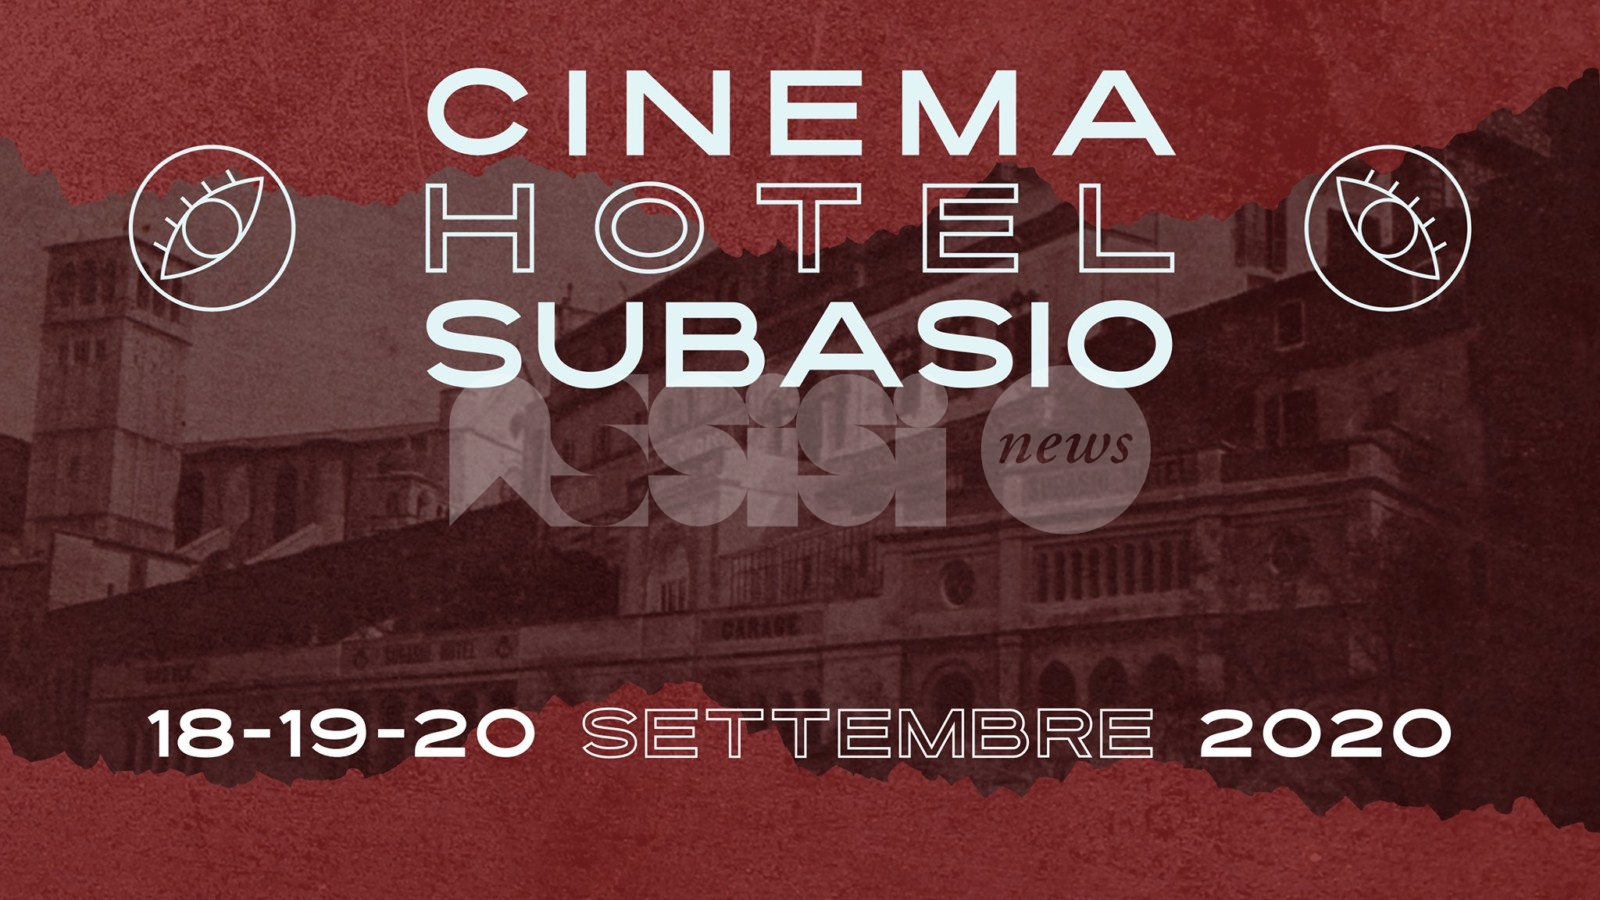 Cinema Hotel Subasio, da venerdì 18 la rassegna tra cinema e legalità